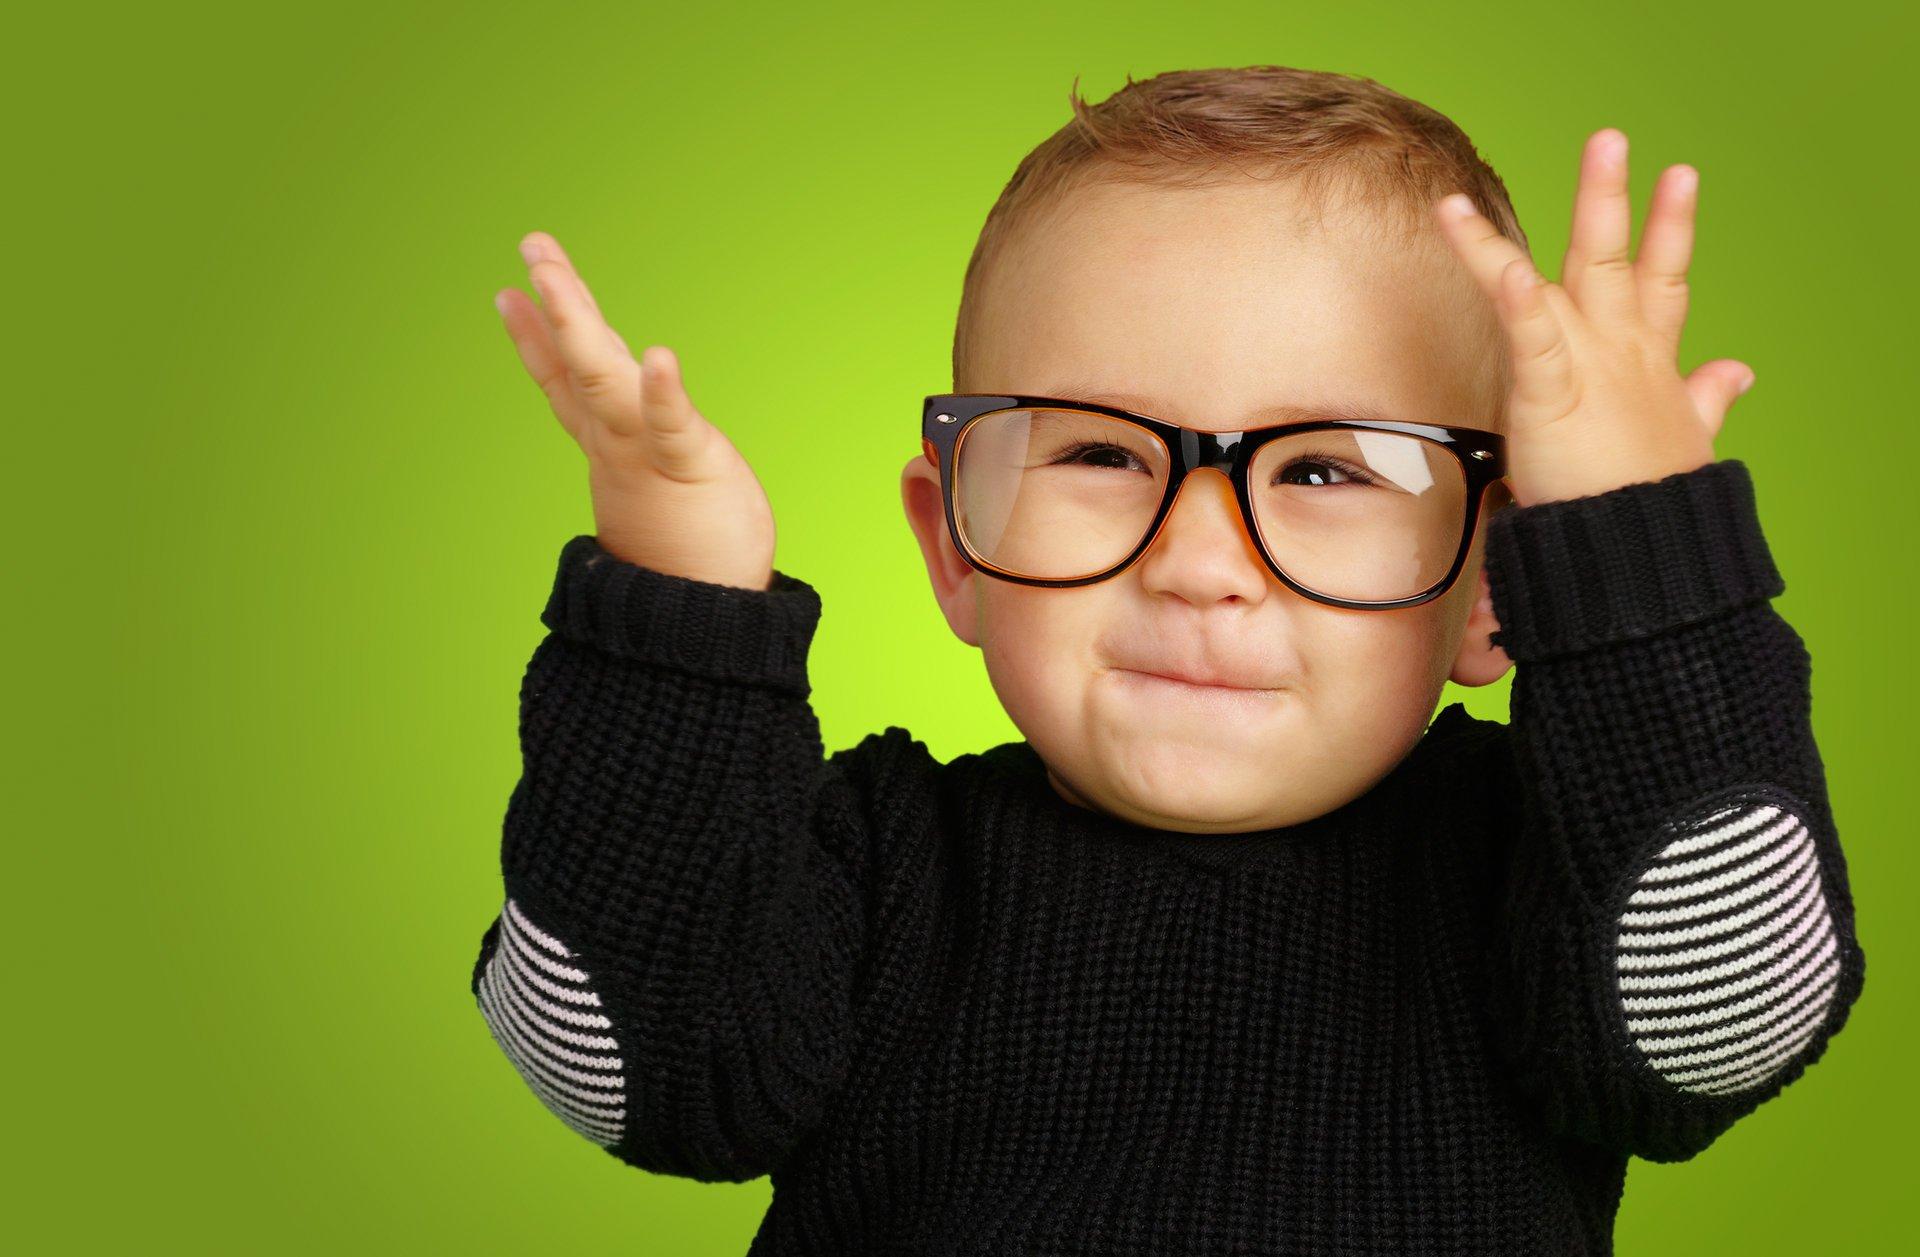 термобелье Данный сонник два мальчика близнеца в очках разы